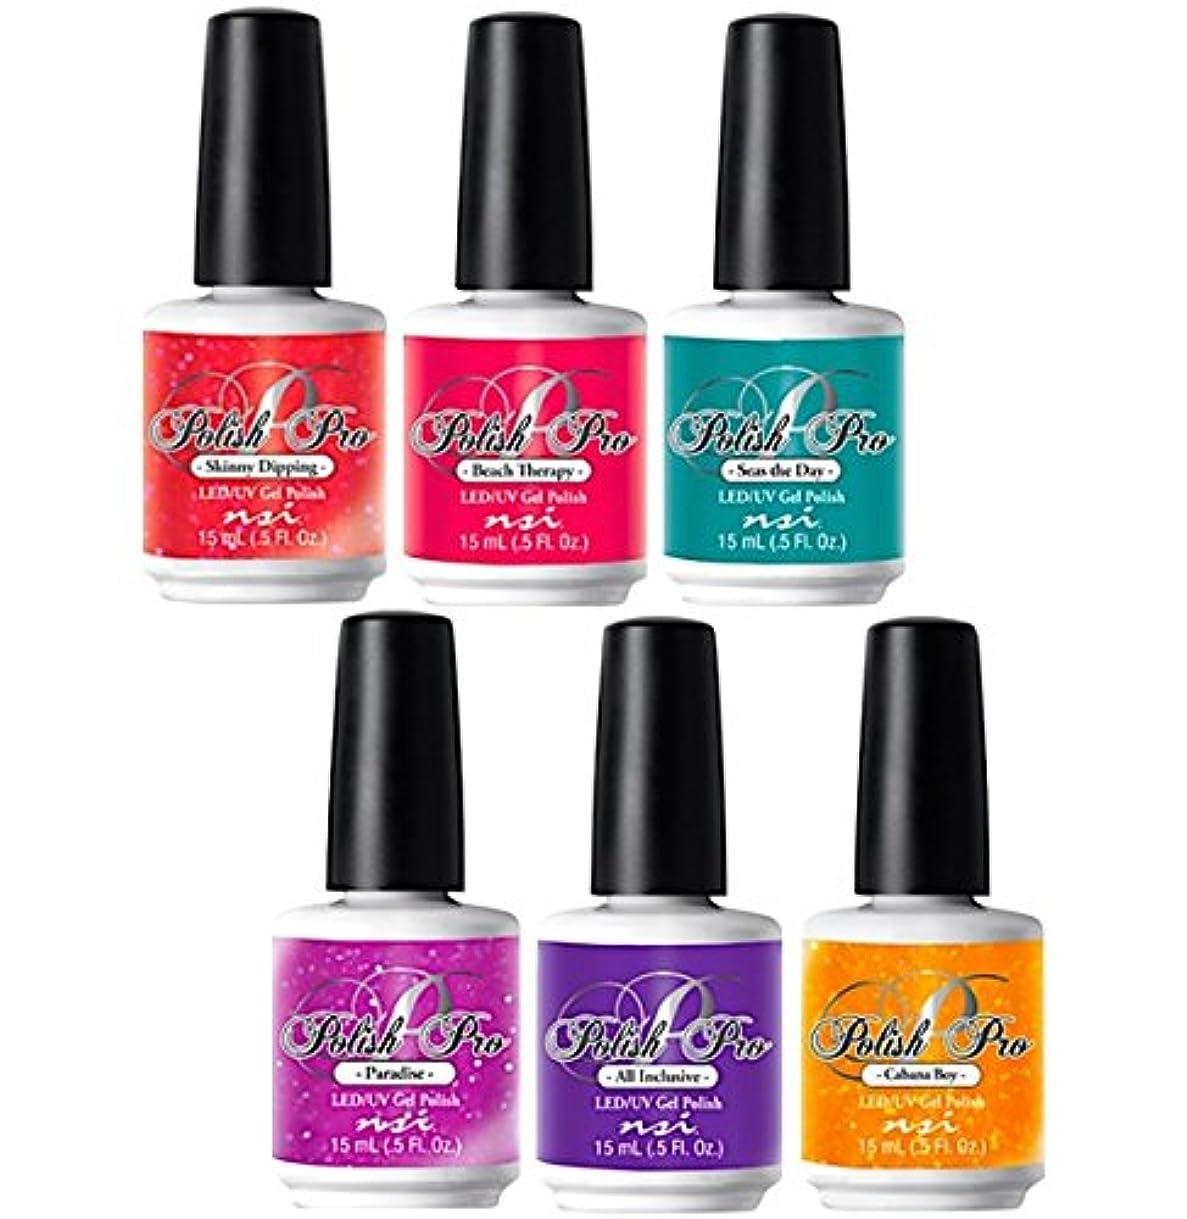 あいにくビルダー余分なNSI Polish Pro Gel Polish - The Island Resort Collection - All 6 Colors - 15 ml/0.5 oz Each